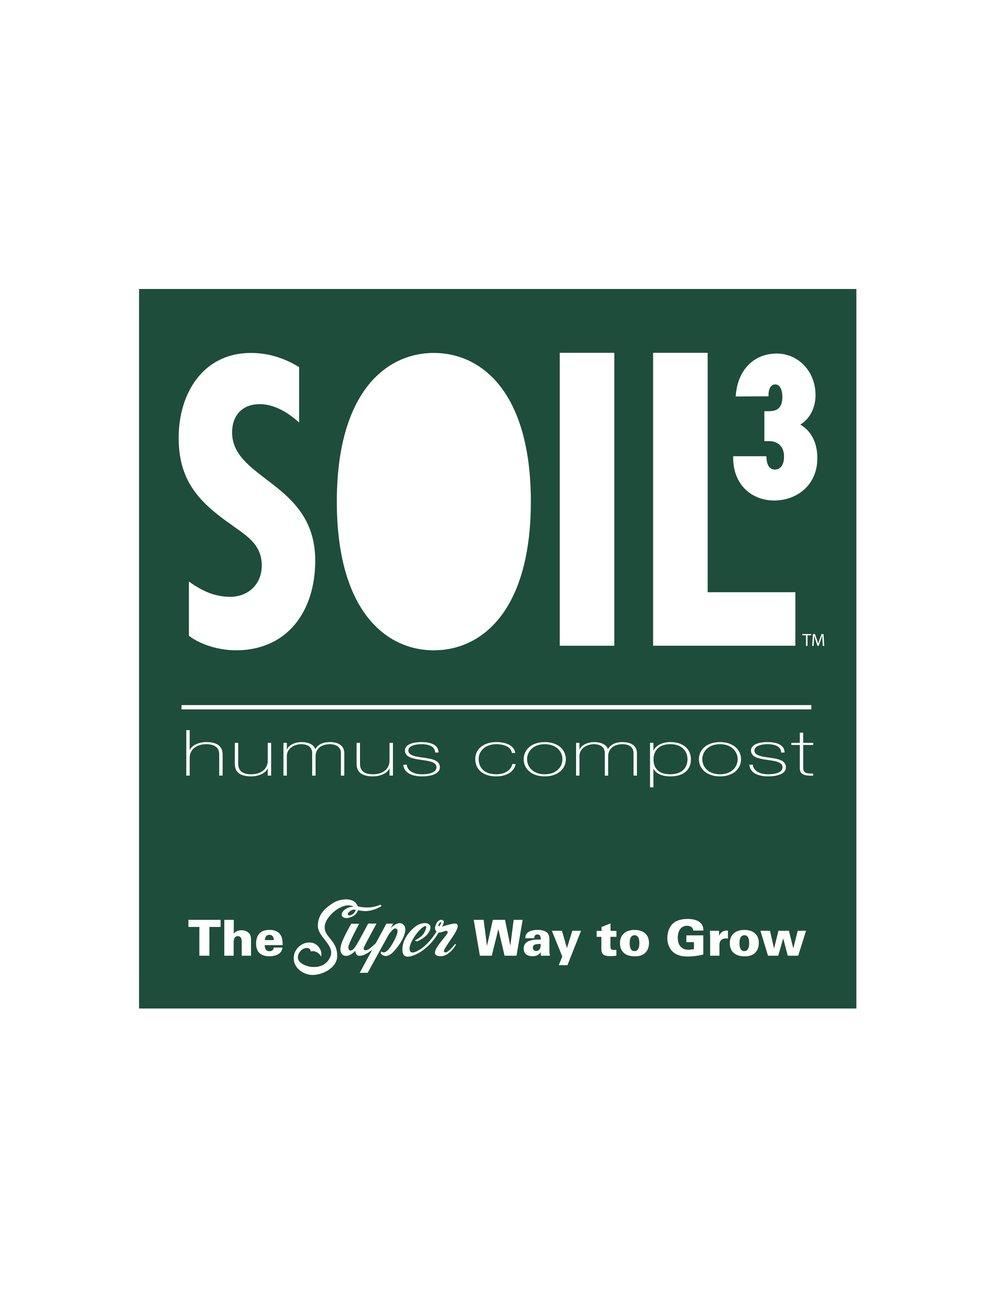 SOIL3 logo (green).jpg